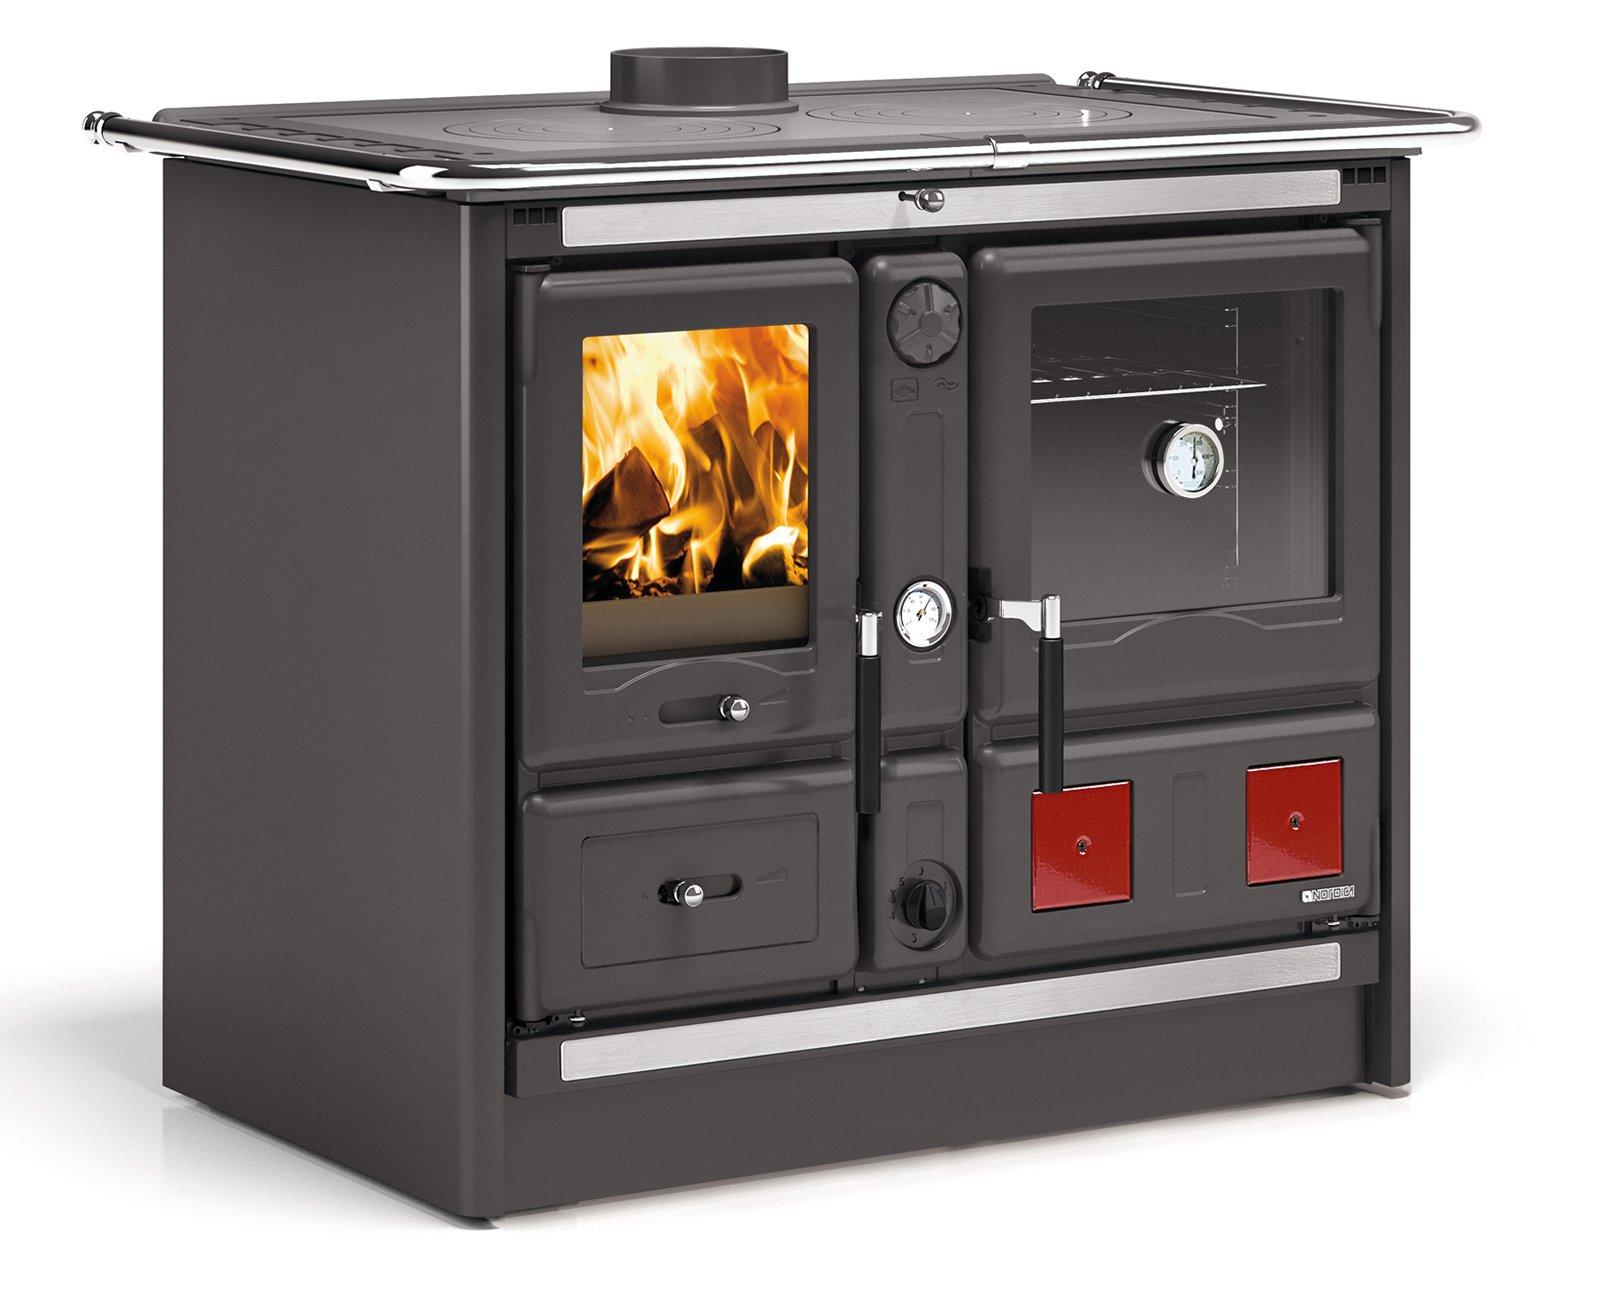 La cucina di una volta per cuocere e riscaldare come con for Cucinare per 50